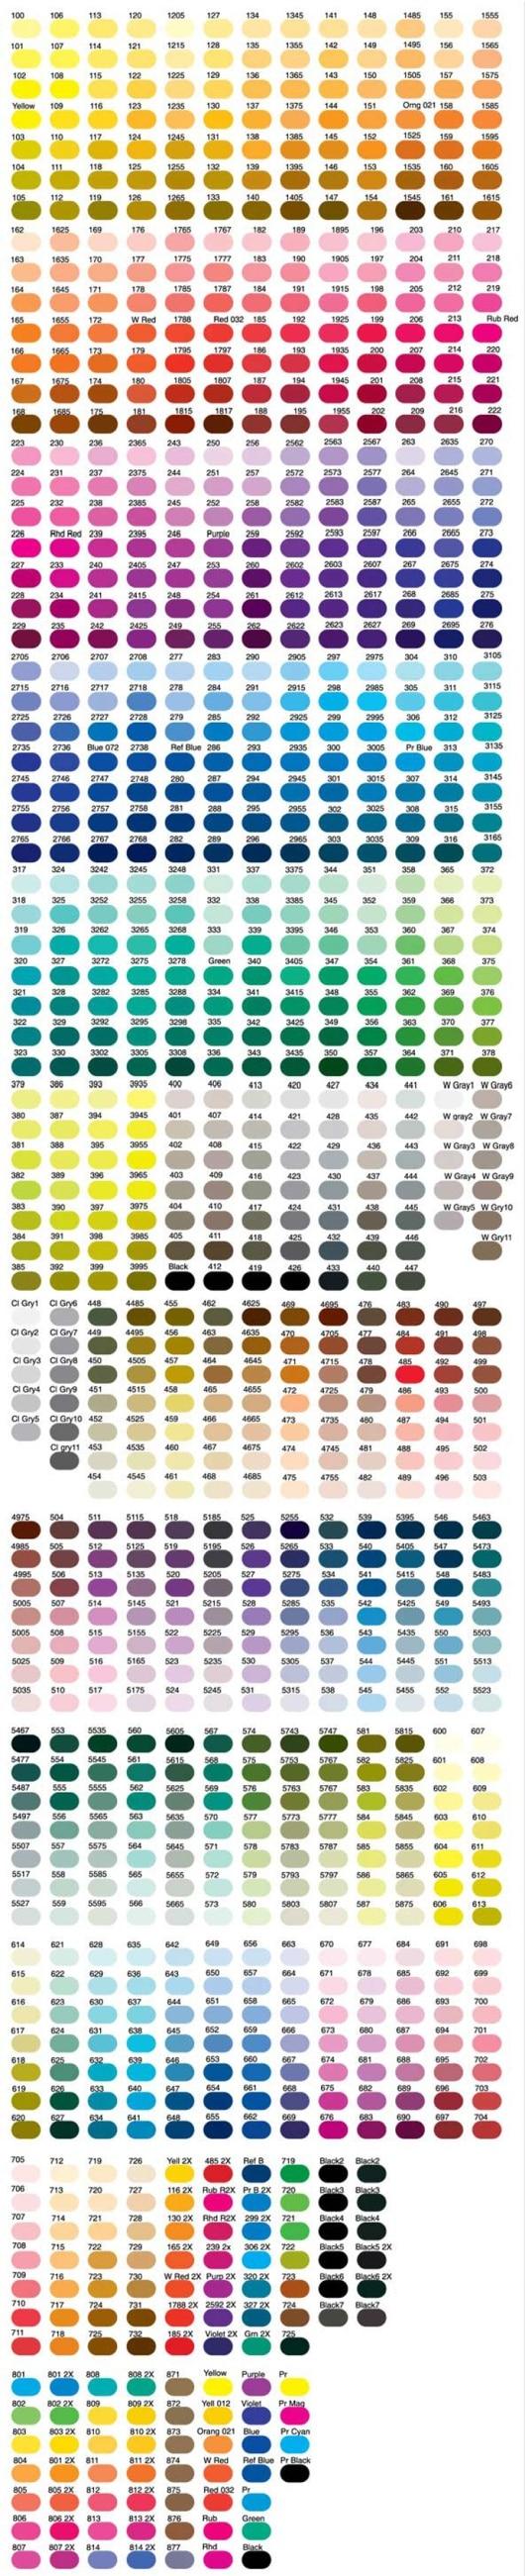 Colores de Llaveros personalizados